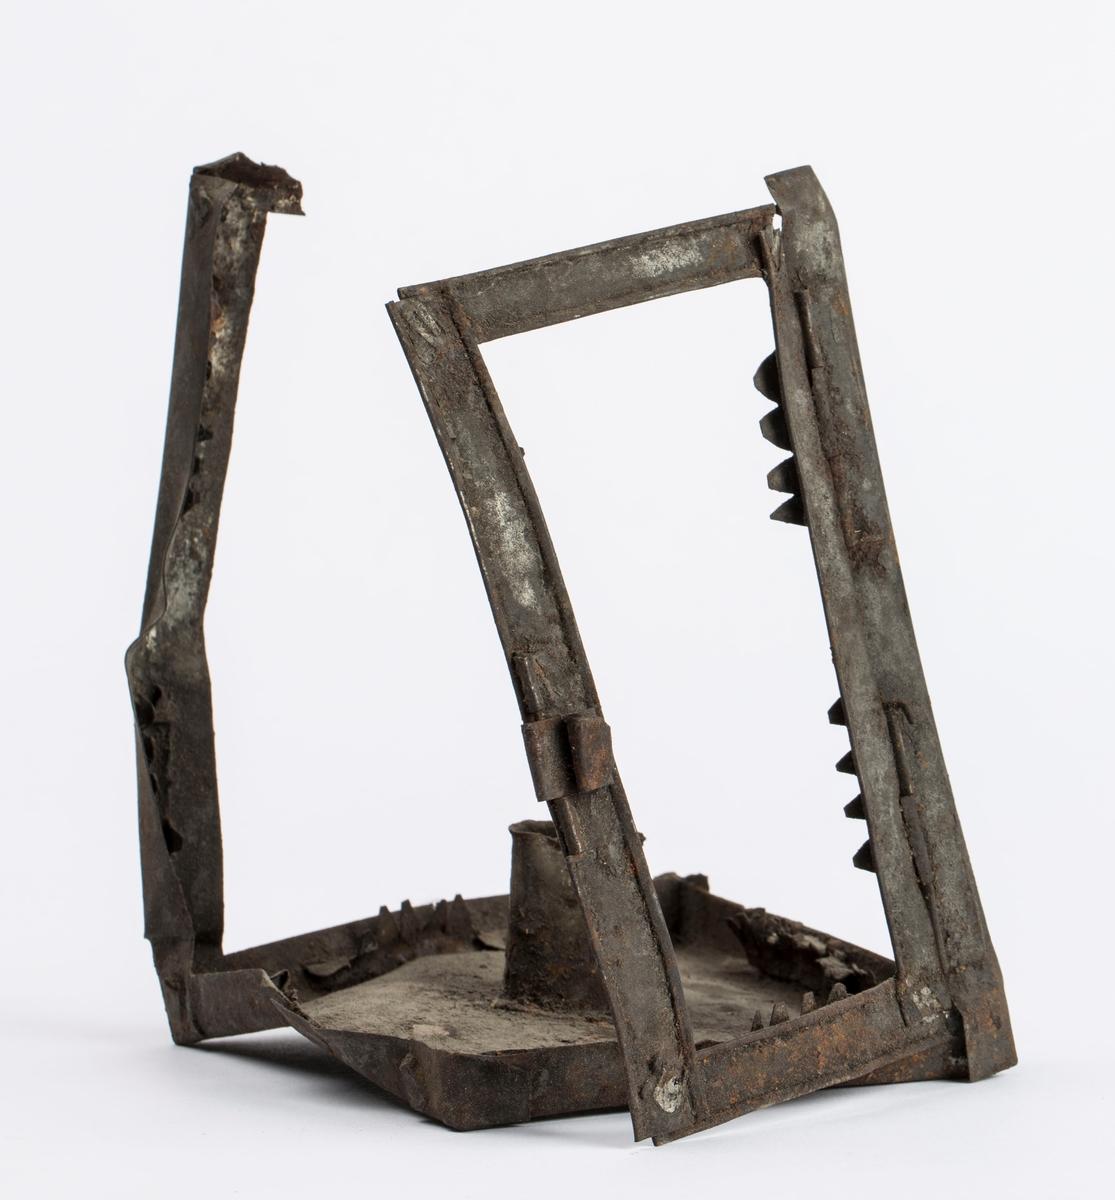 Deler av ei lykt av jern for talglys muligens brukt ved hestetransport i gruva. Ser holder for laglys. Har hatt dør. Mulig lysåpningene har vært dekket med med vom, tarm eller lignende. Består av to deler som har falt fra hverandre.